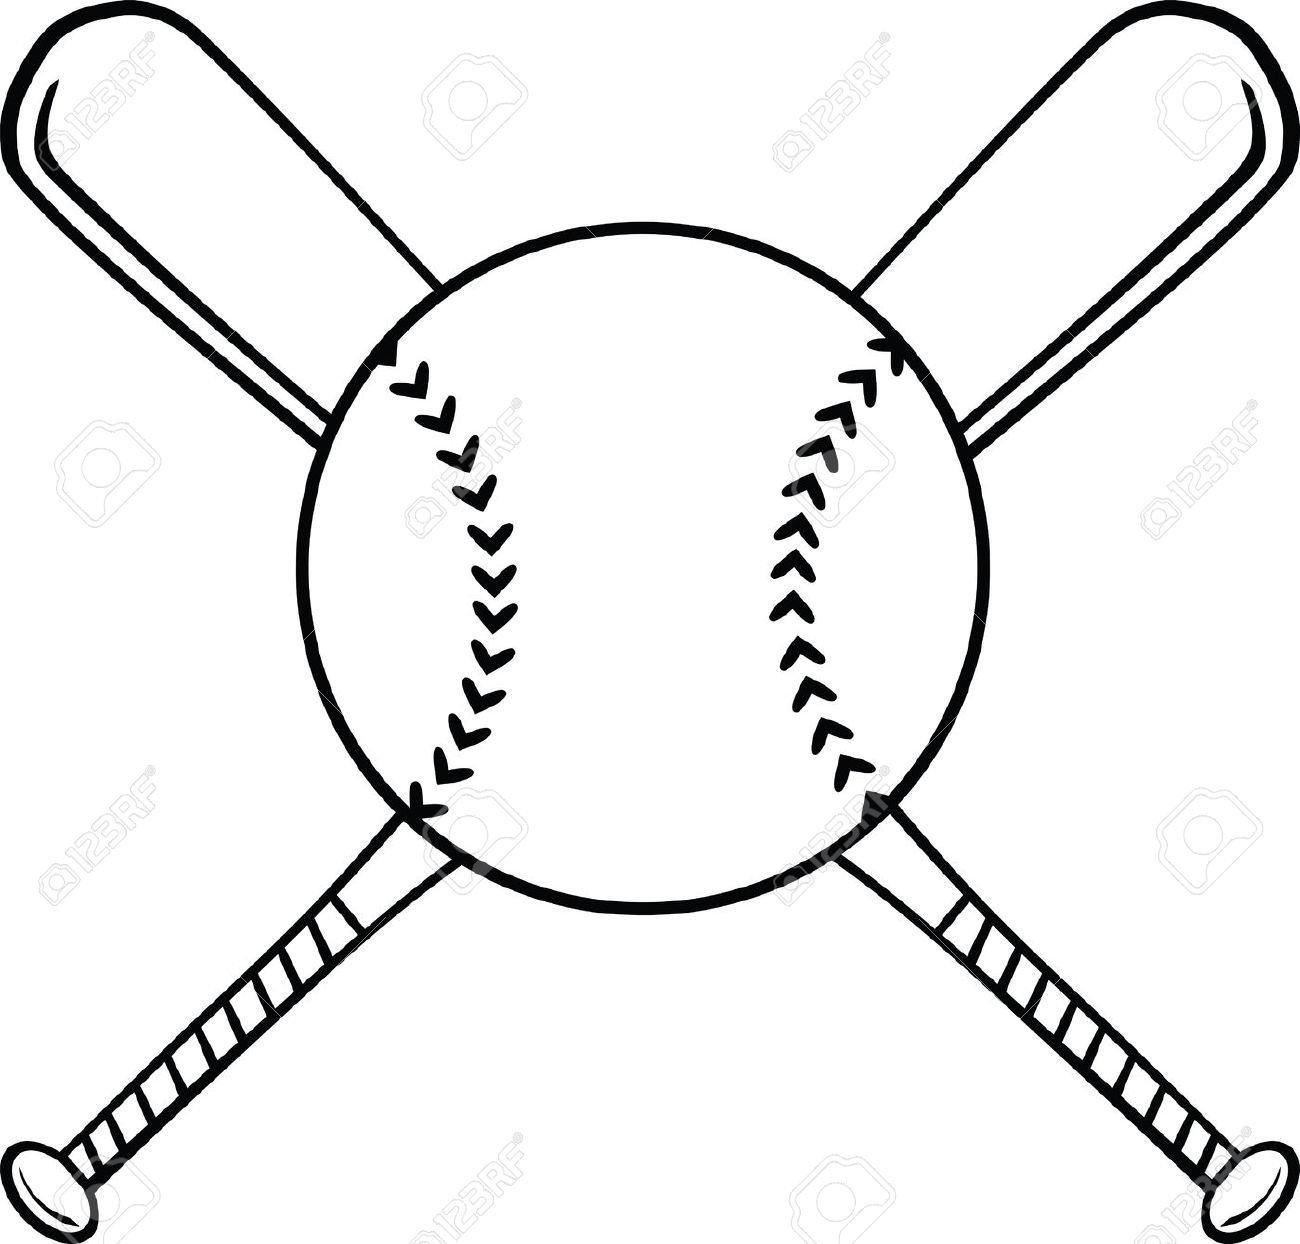 1300x1244 Baseball Bat Clipart Glove